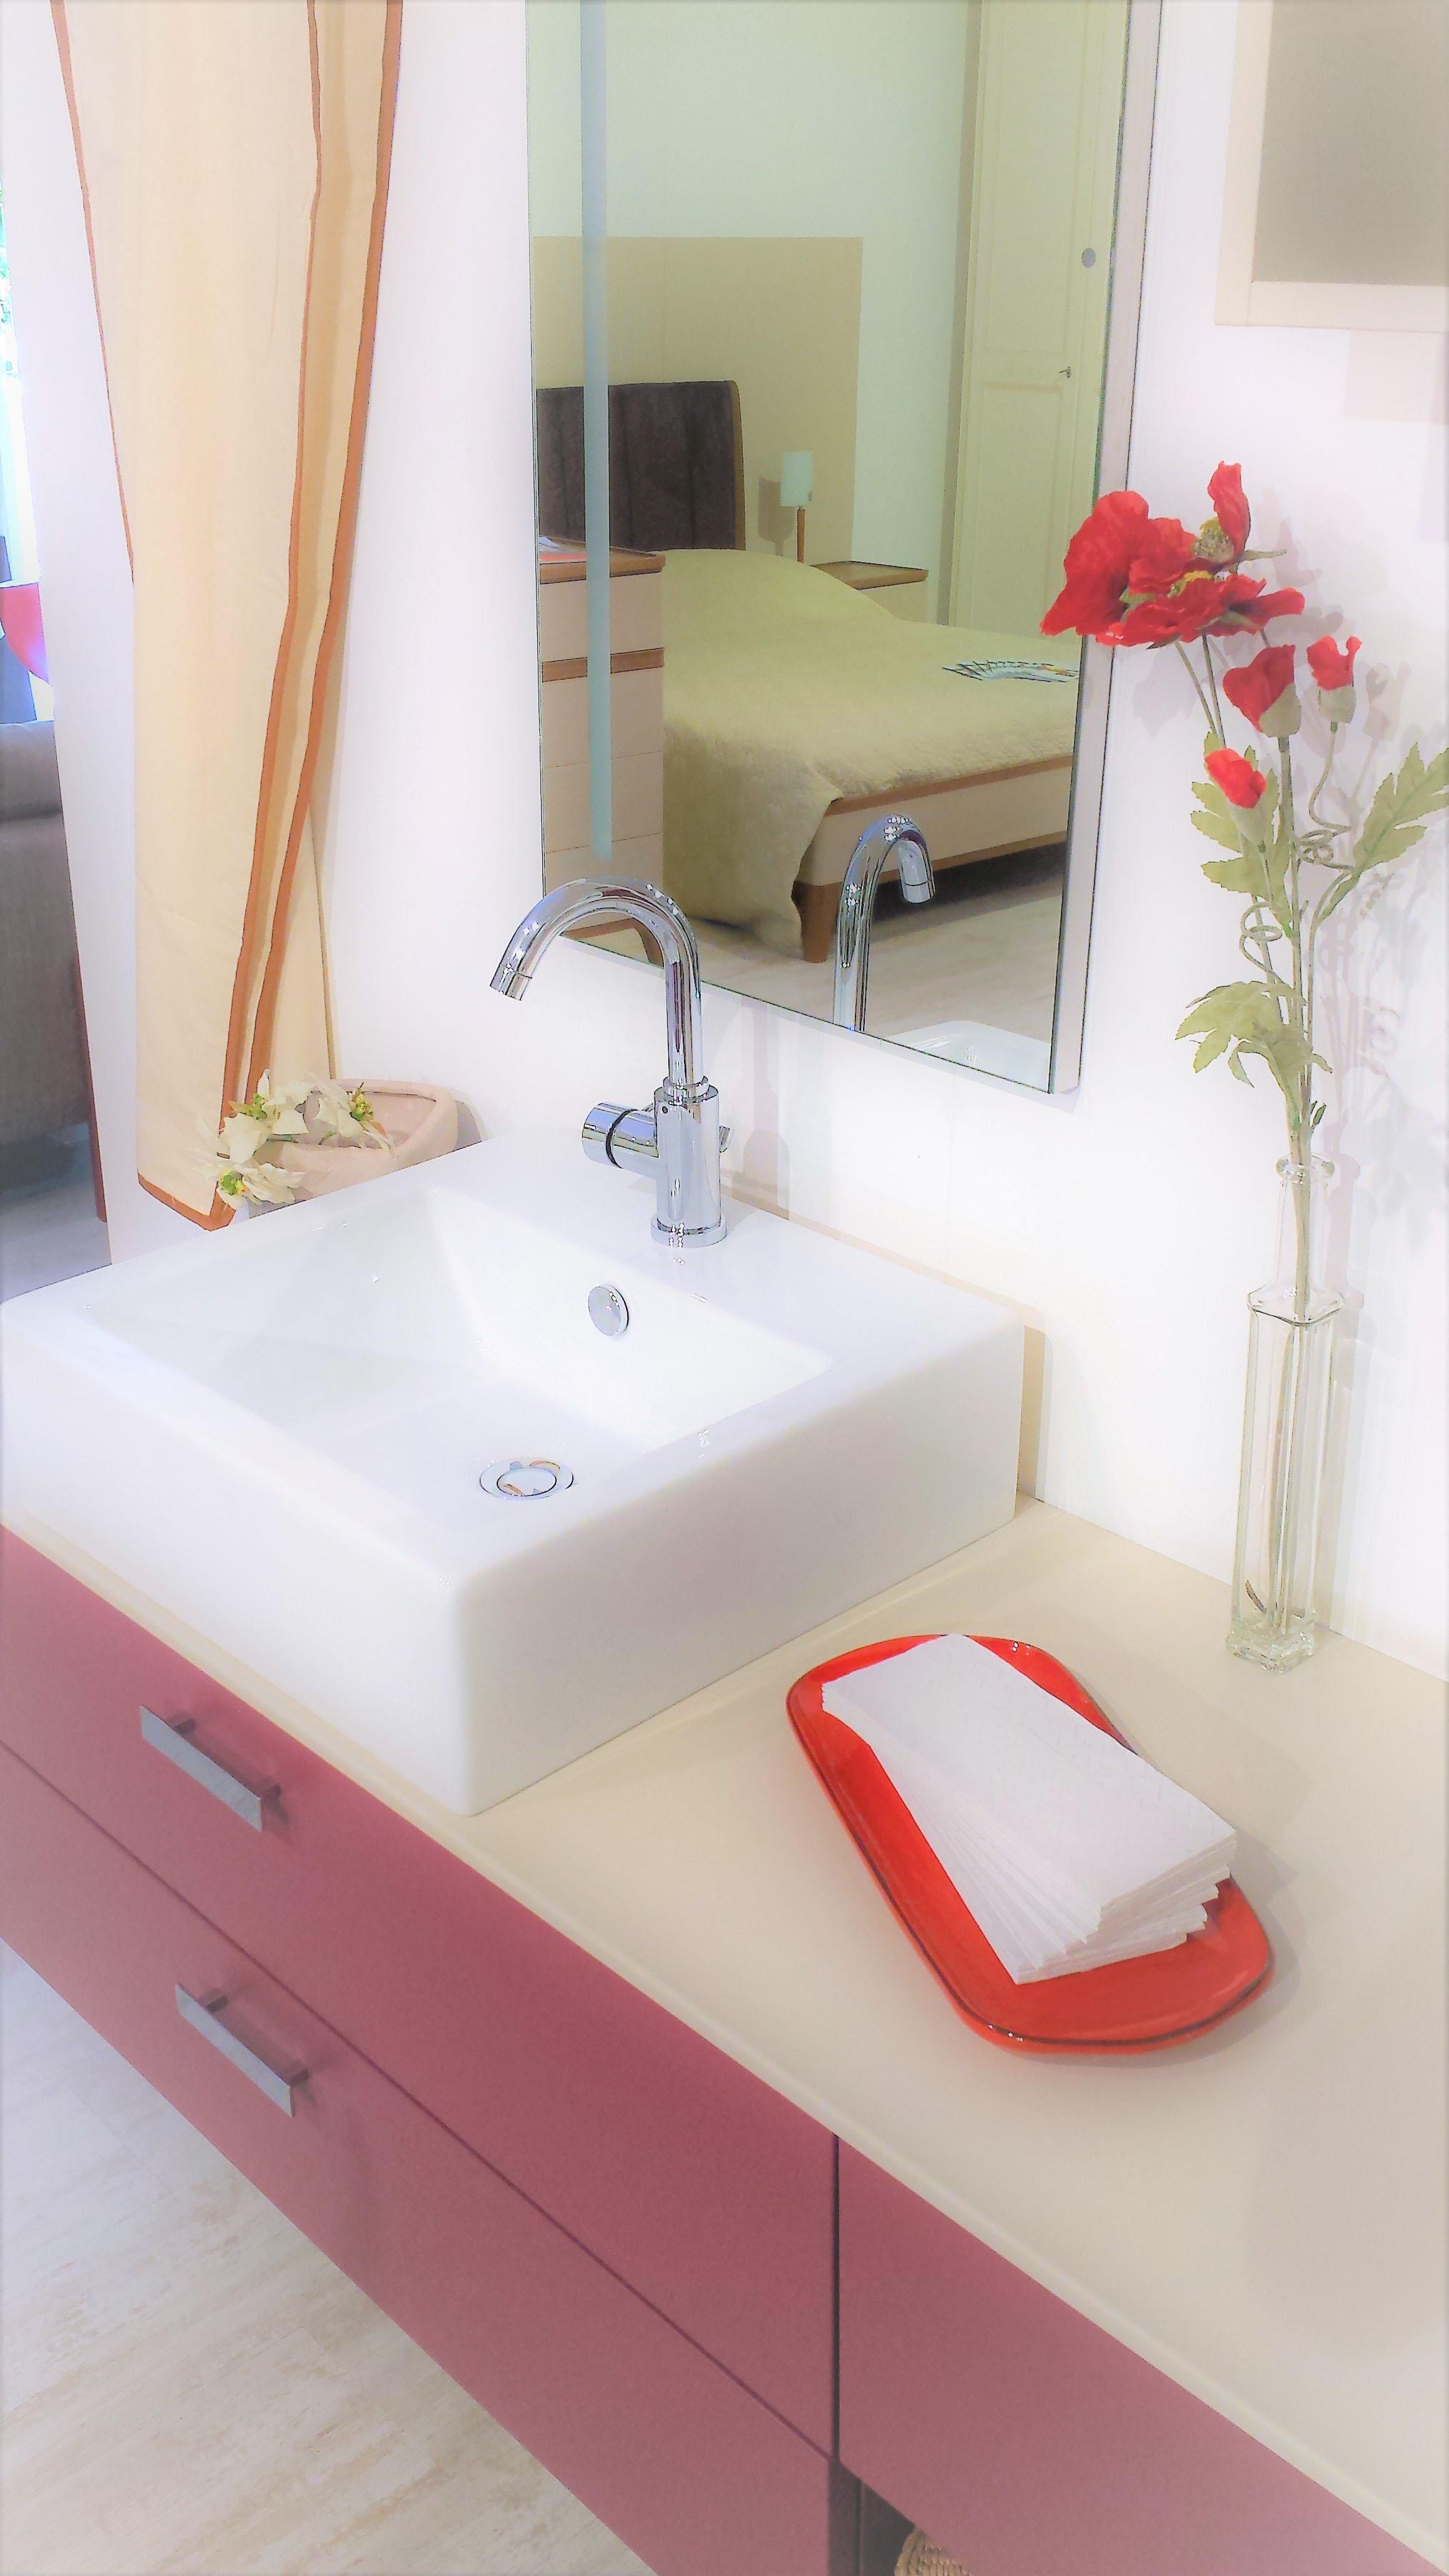 Compab estri design laccato opaco sospeso arredo bagno a for Arredo bagno design outlet